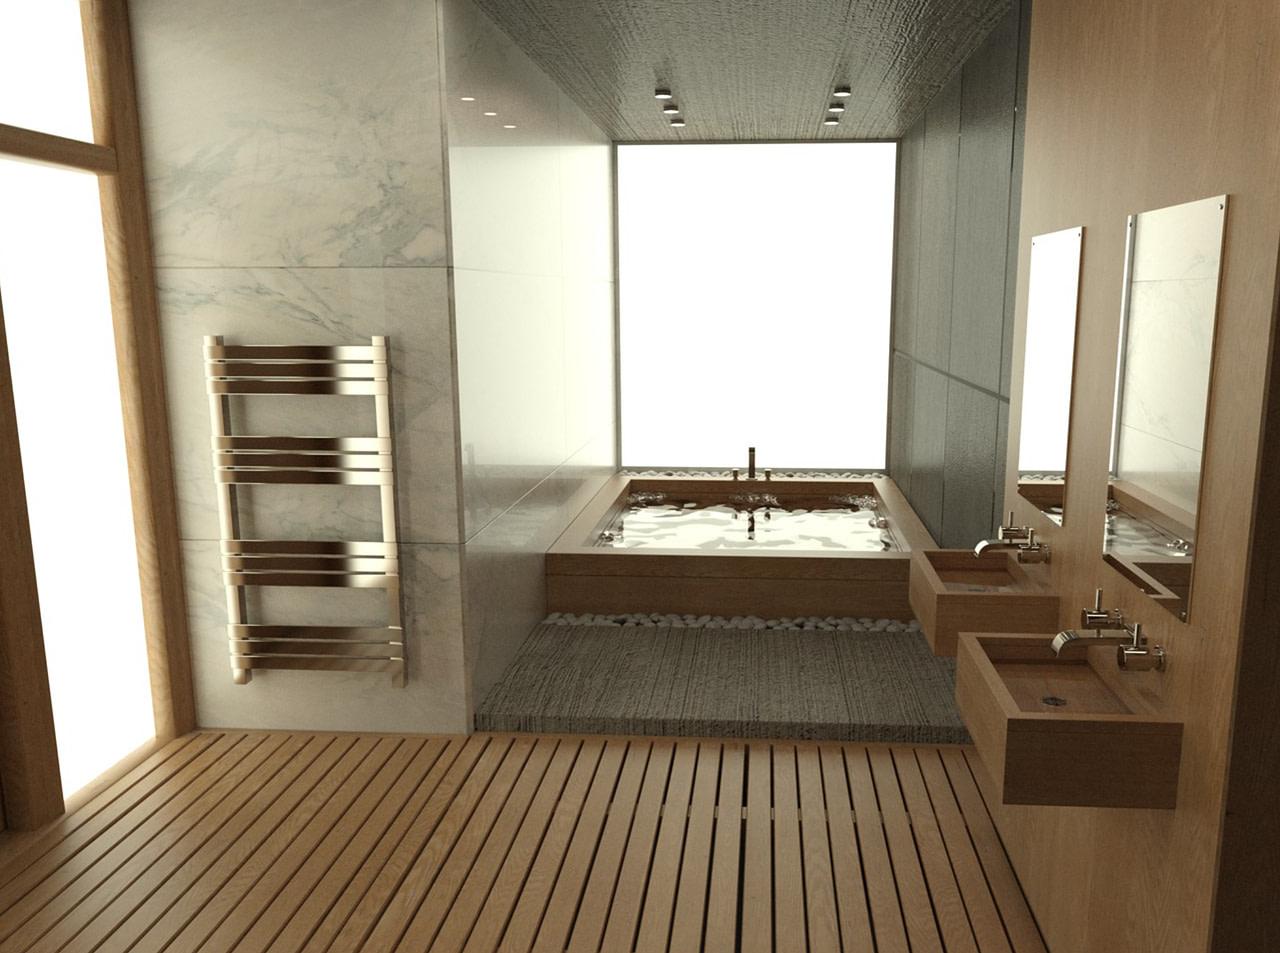 daz modern bathroom model